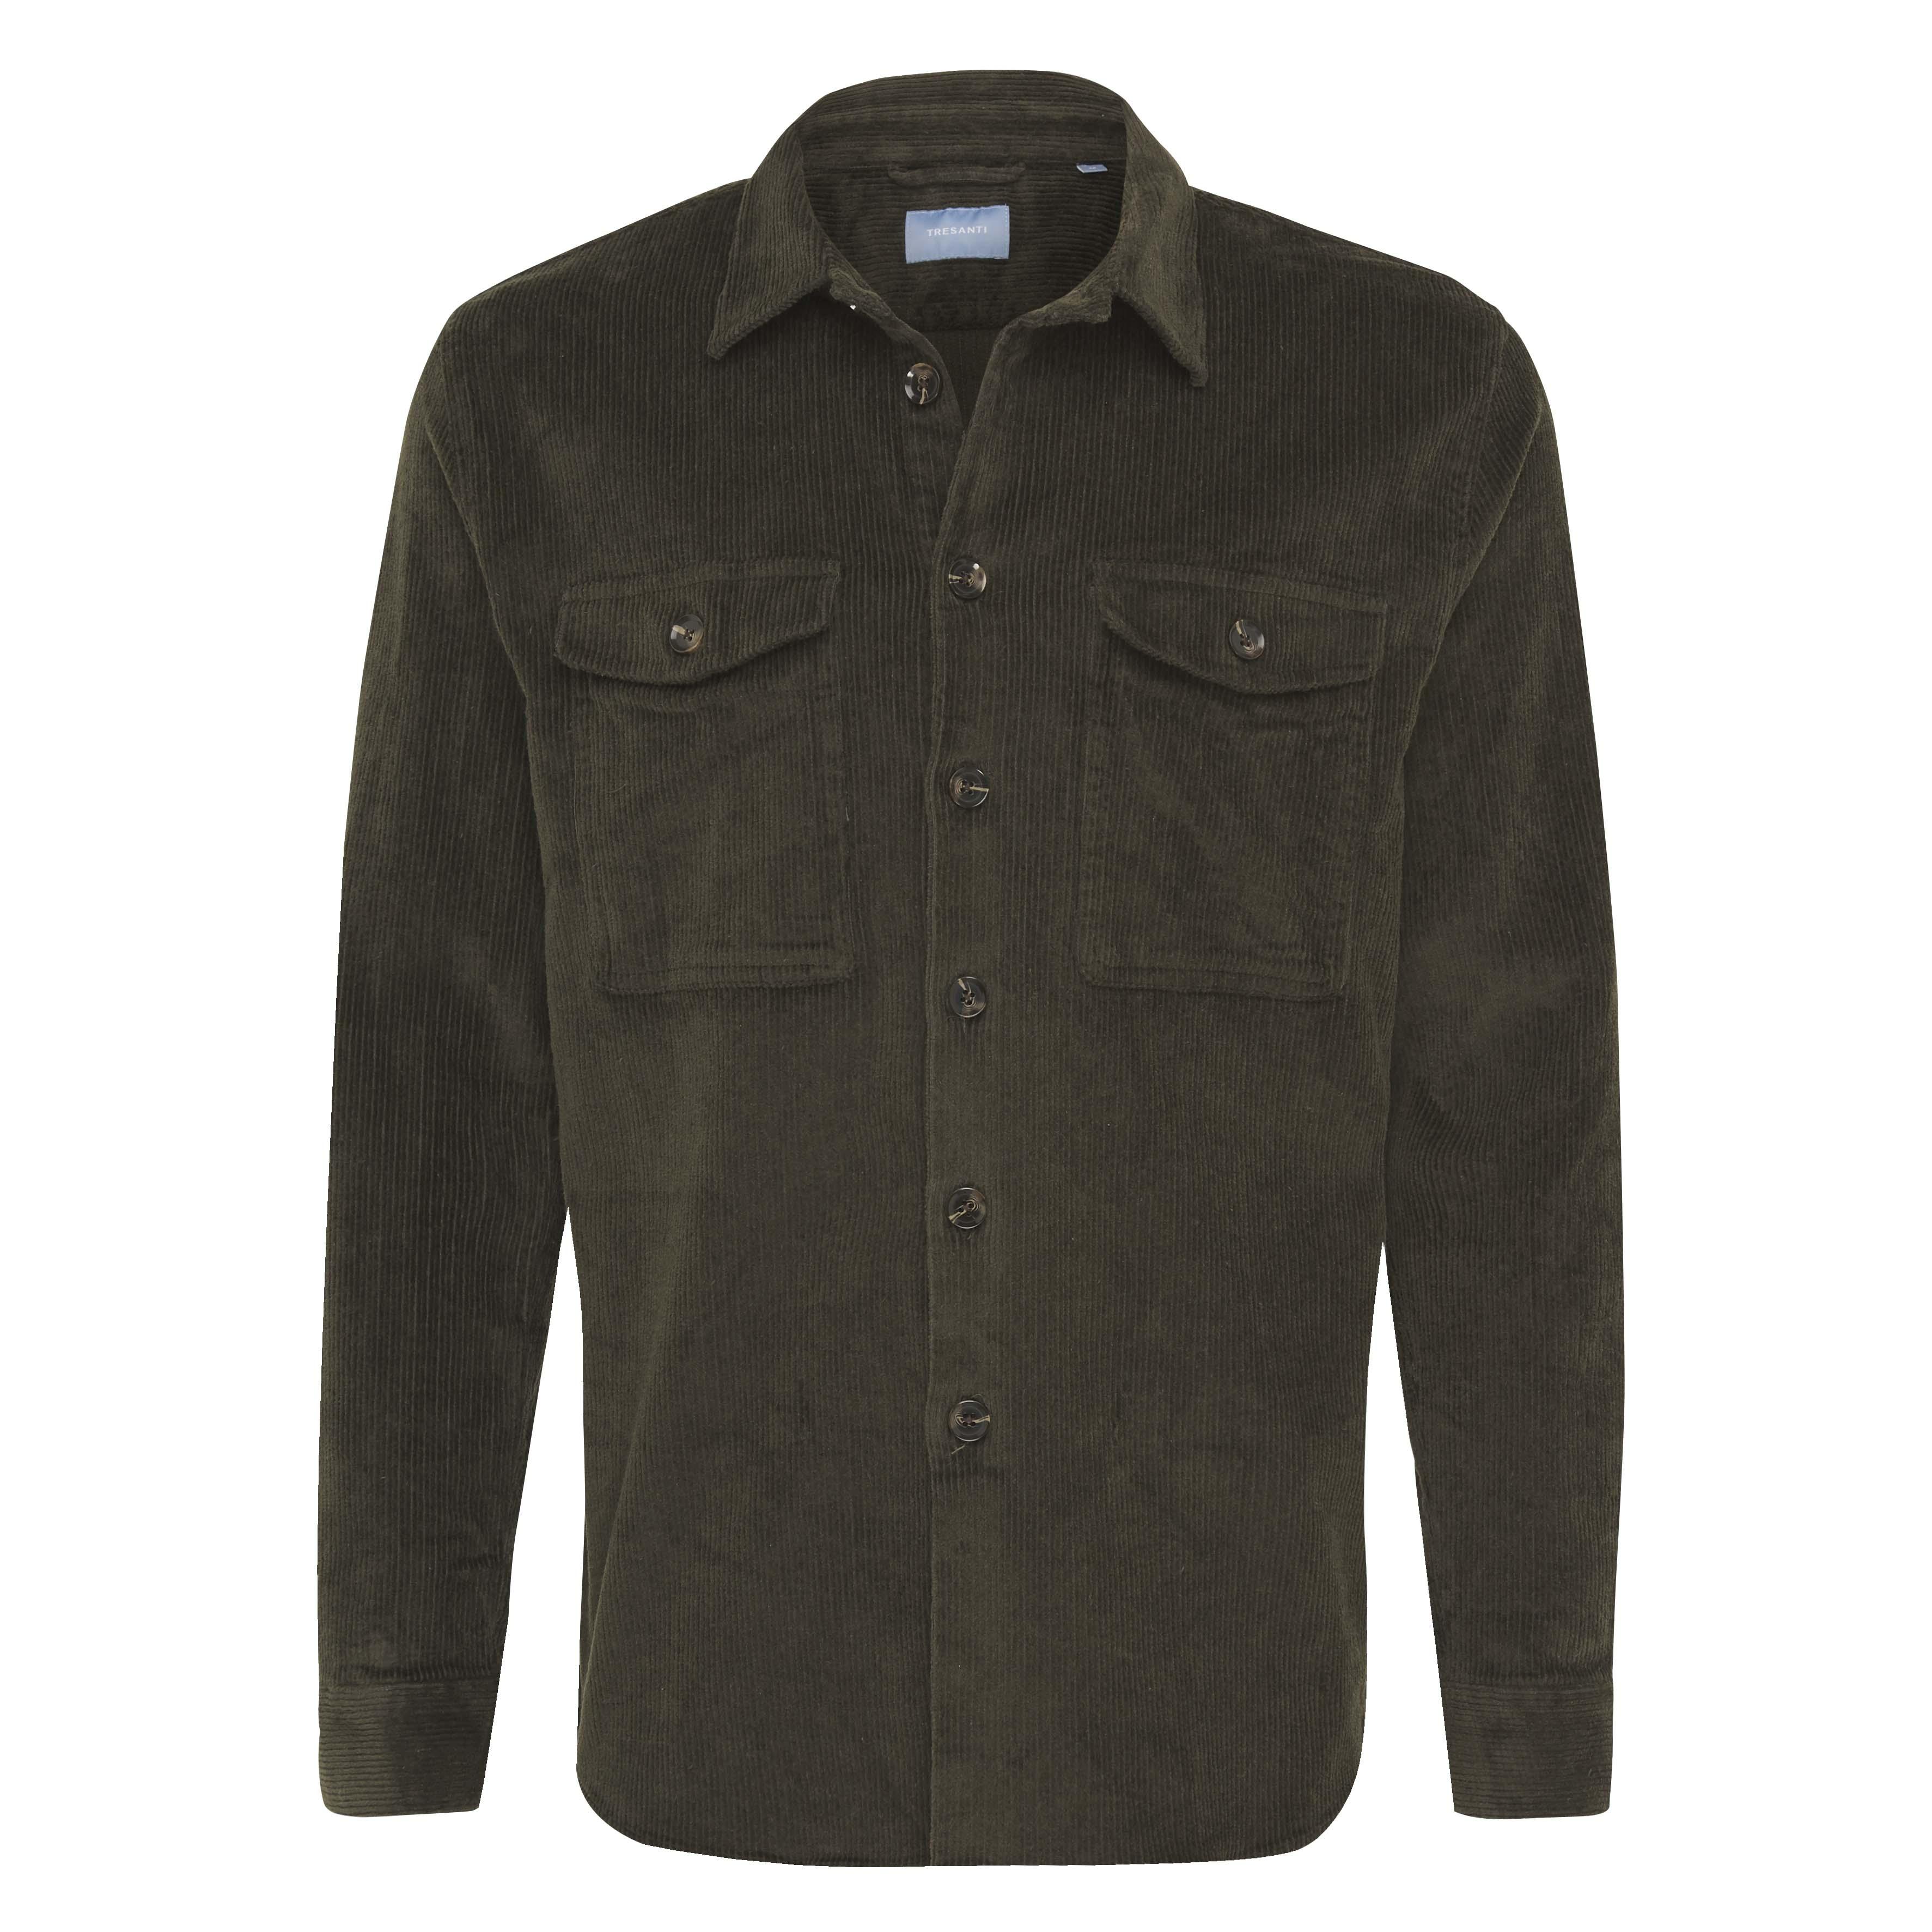 Jiro | Overshirt corduroy dark green